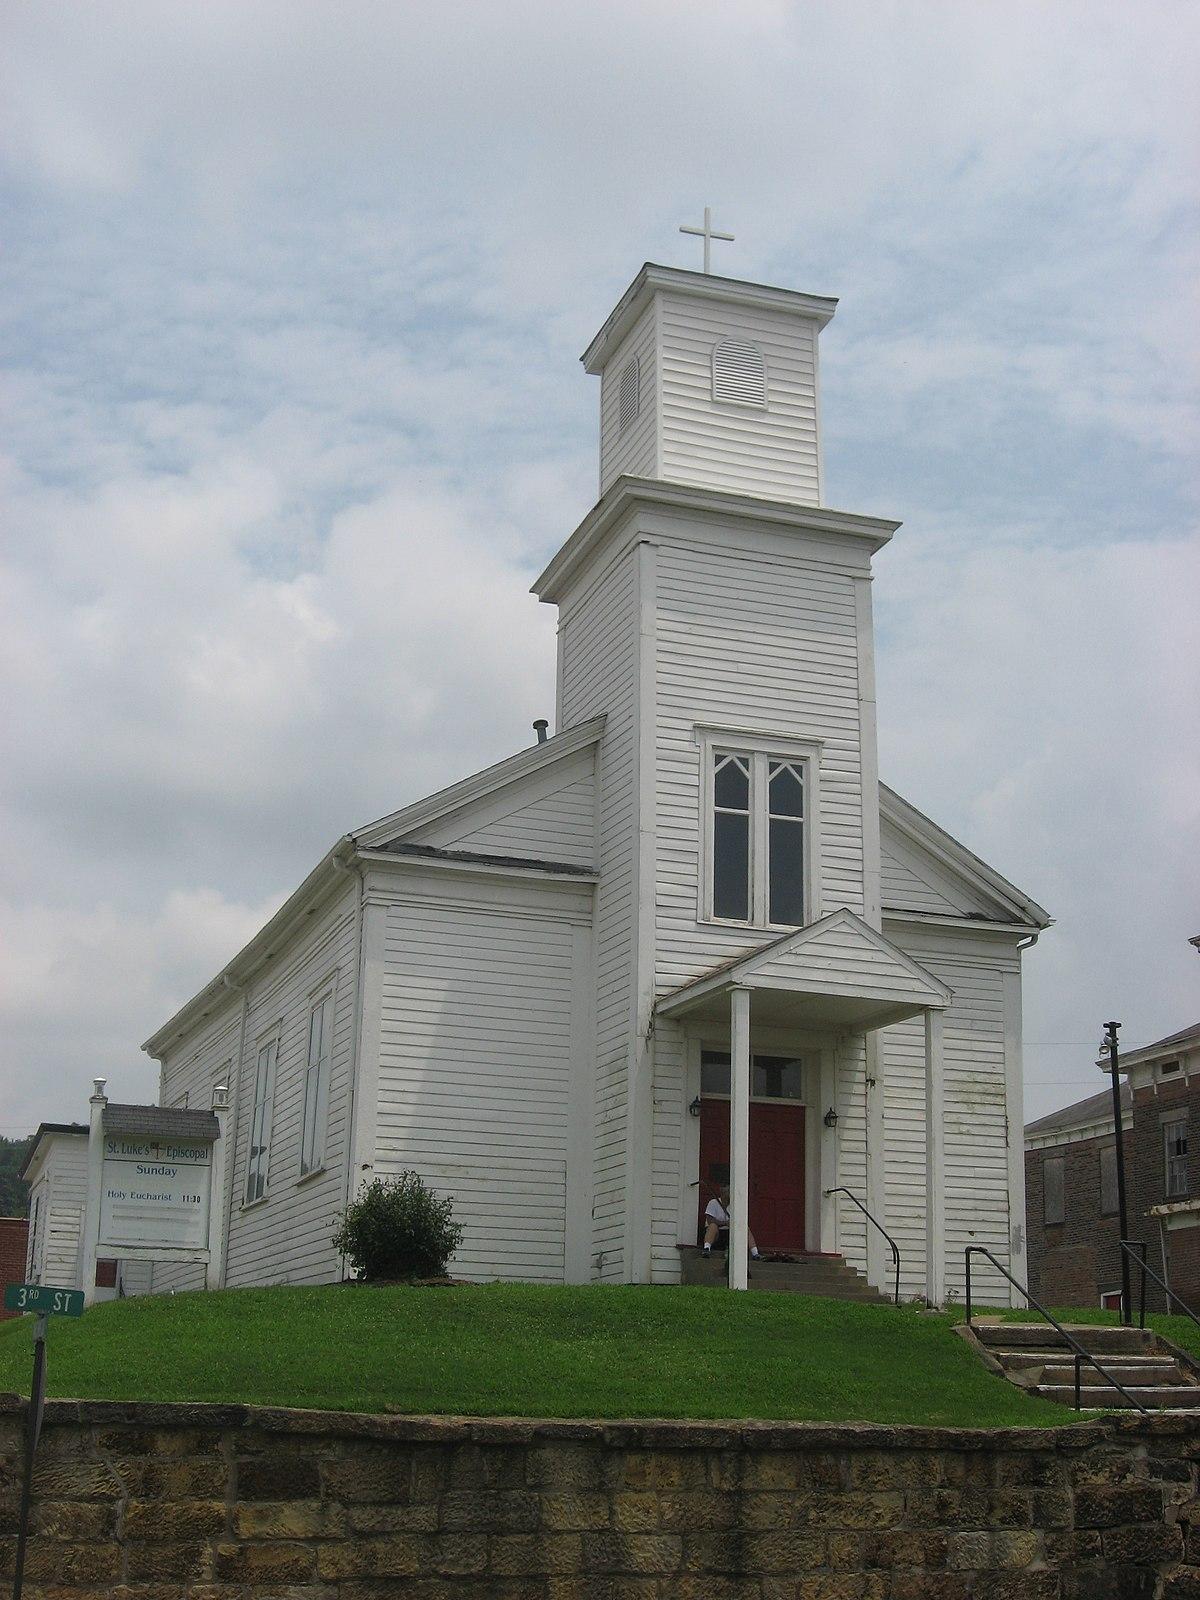 St. Luke's Episcopal Church (Cannelton, Indiana) - Wikipedia